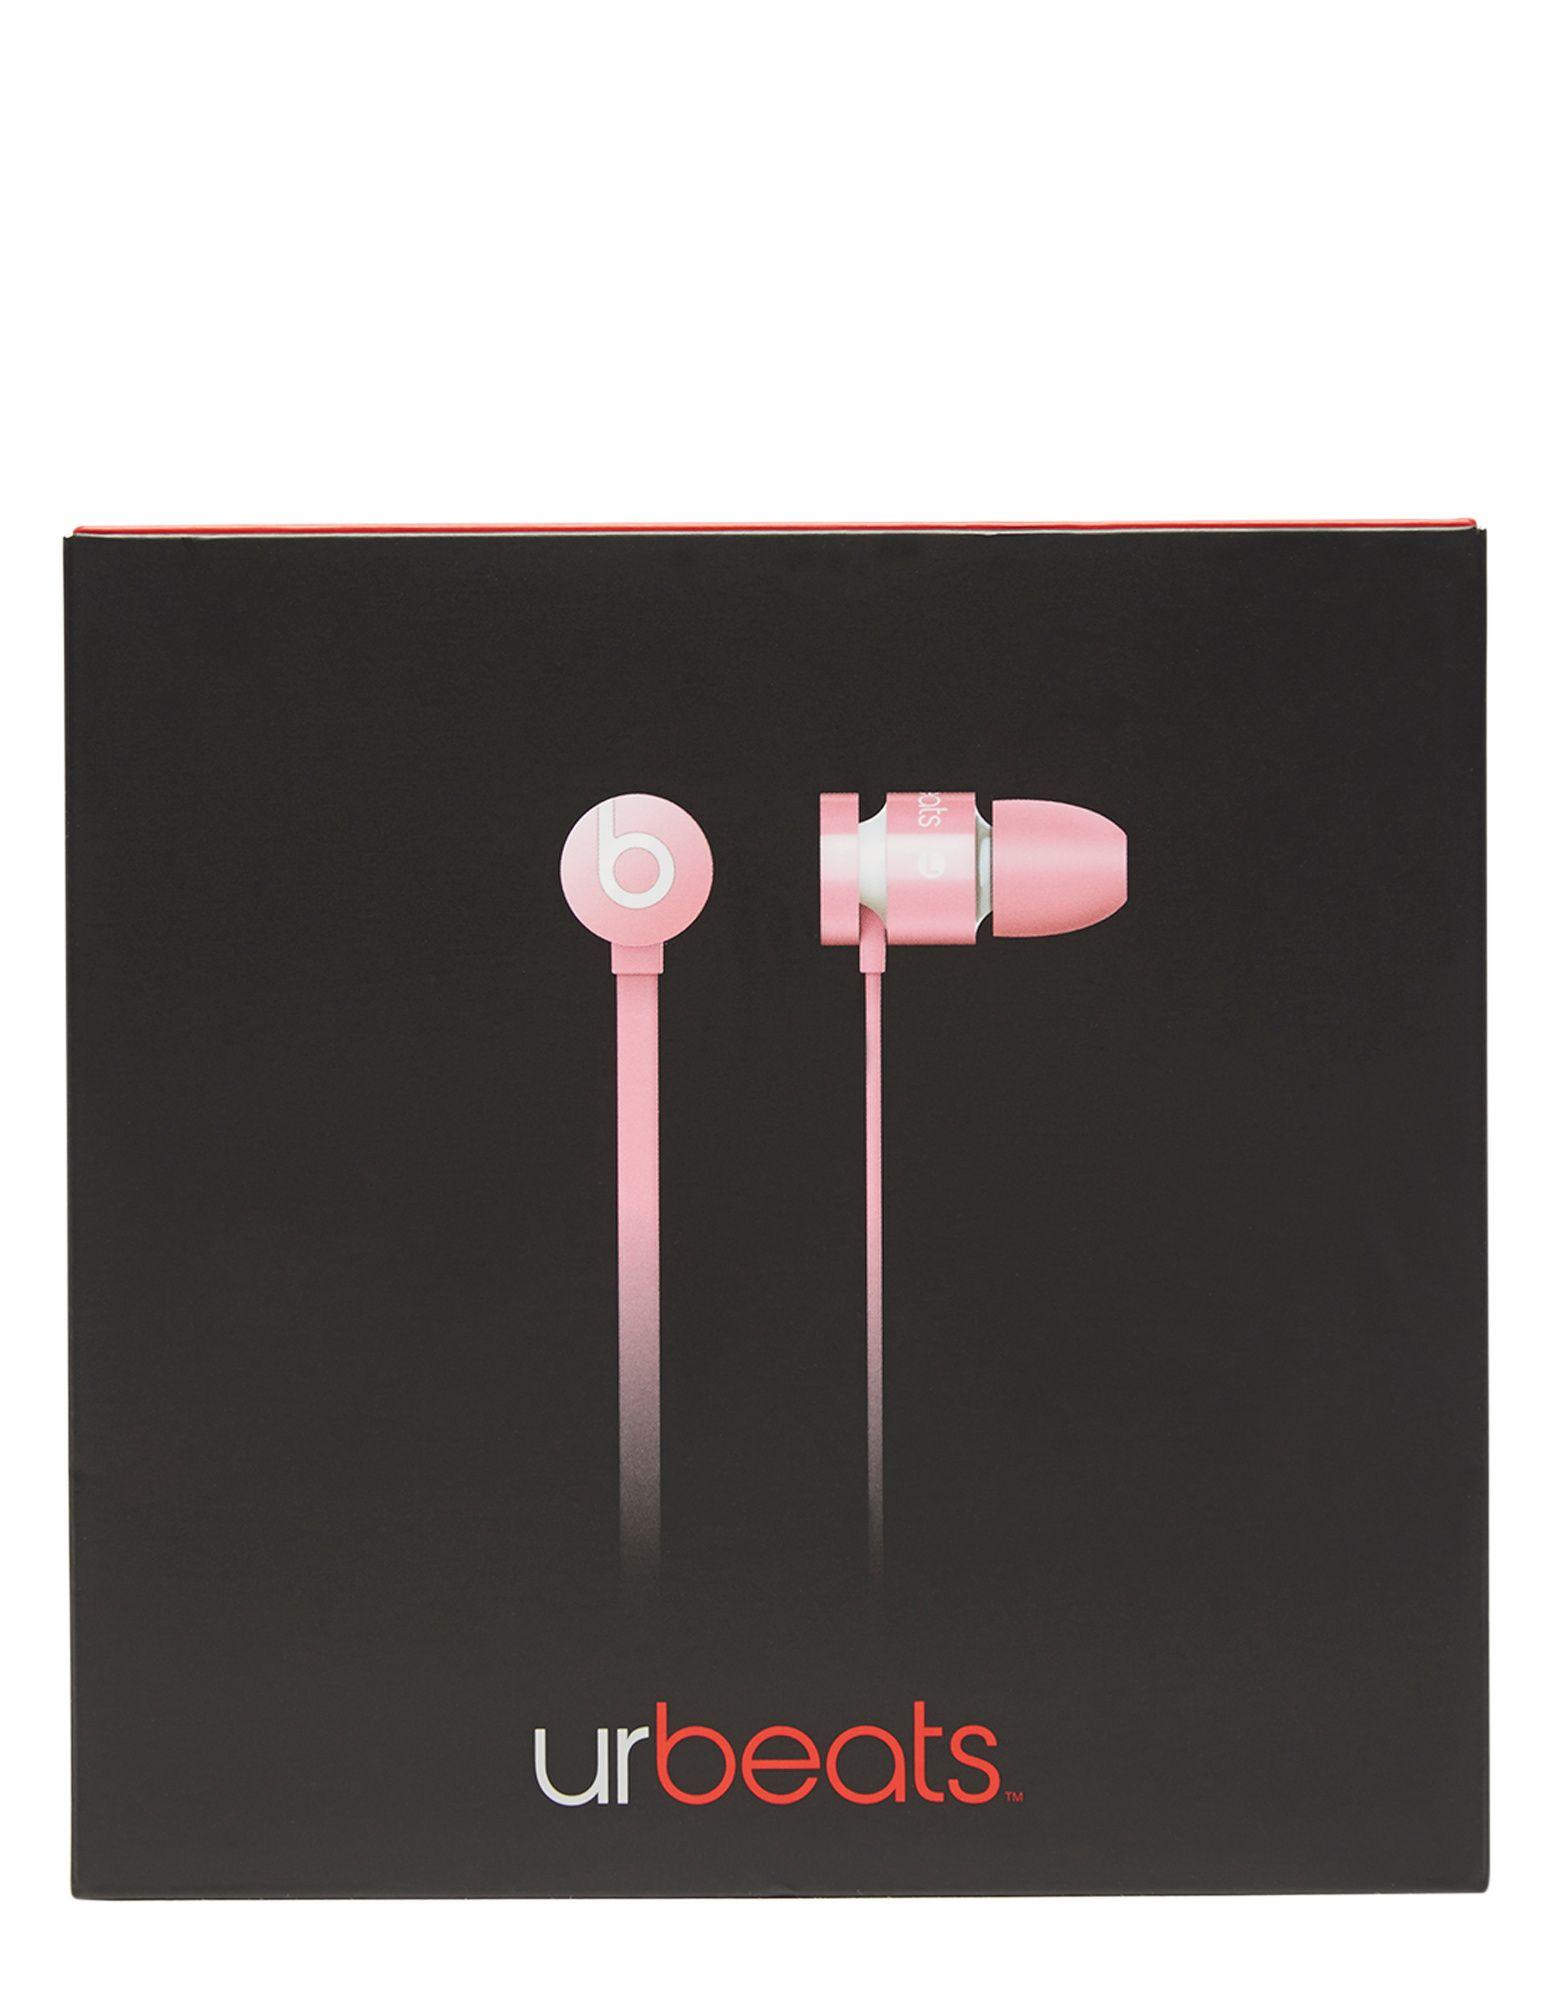 Beats By Dre UrBeats Earphones